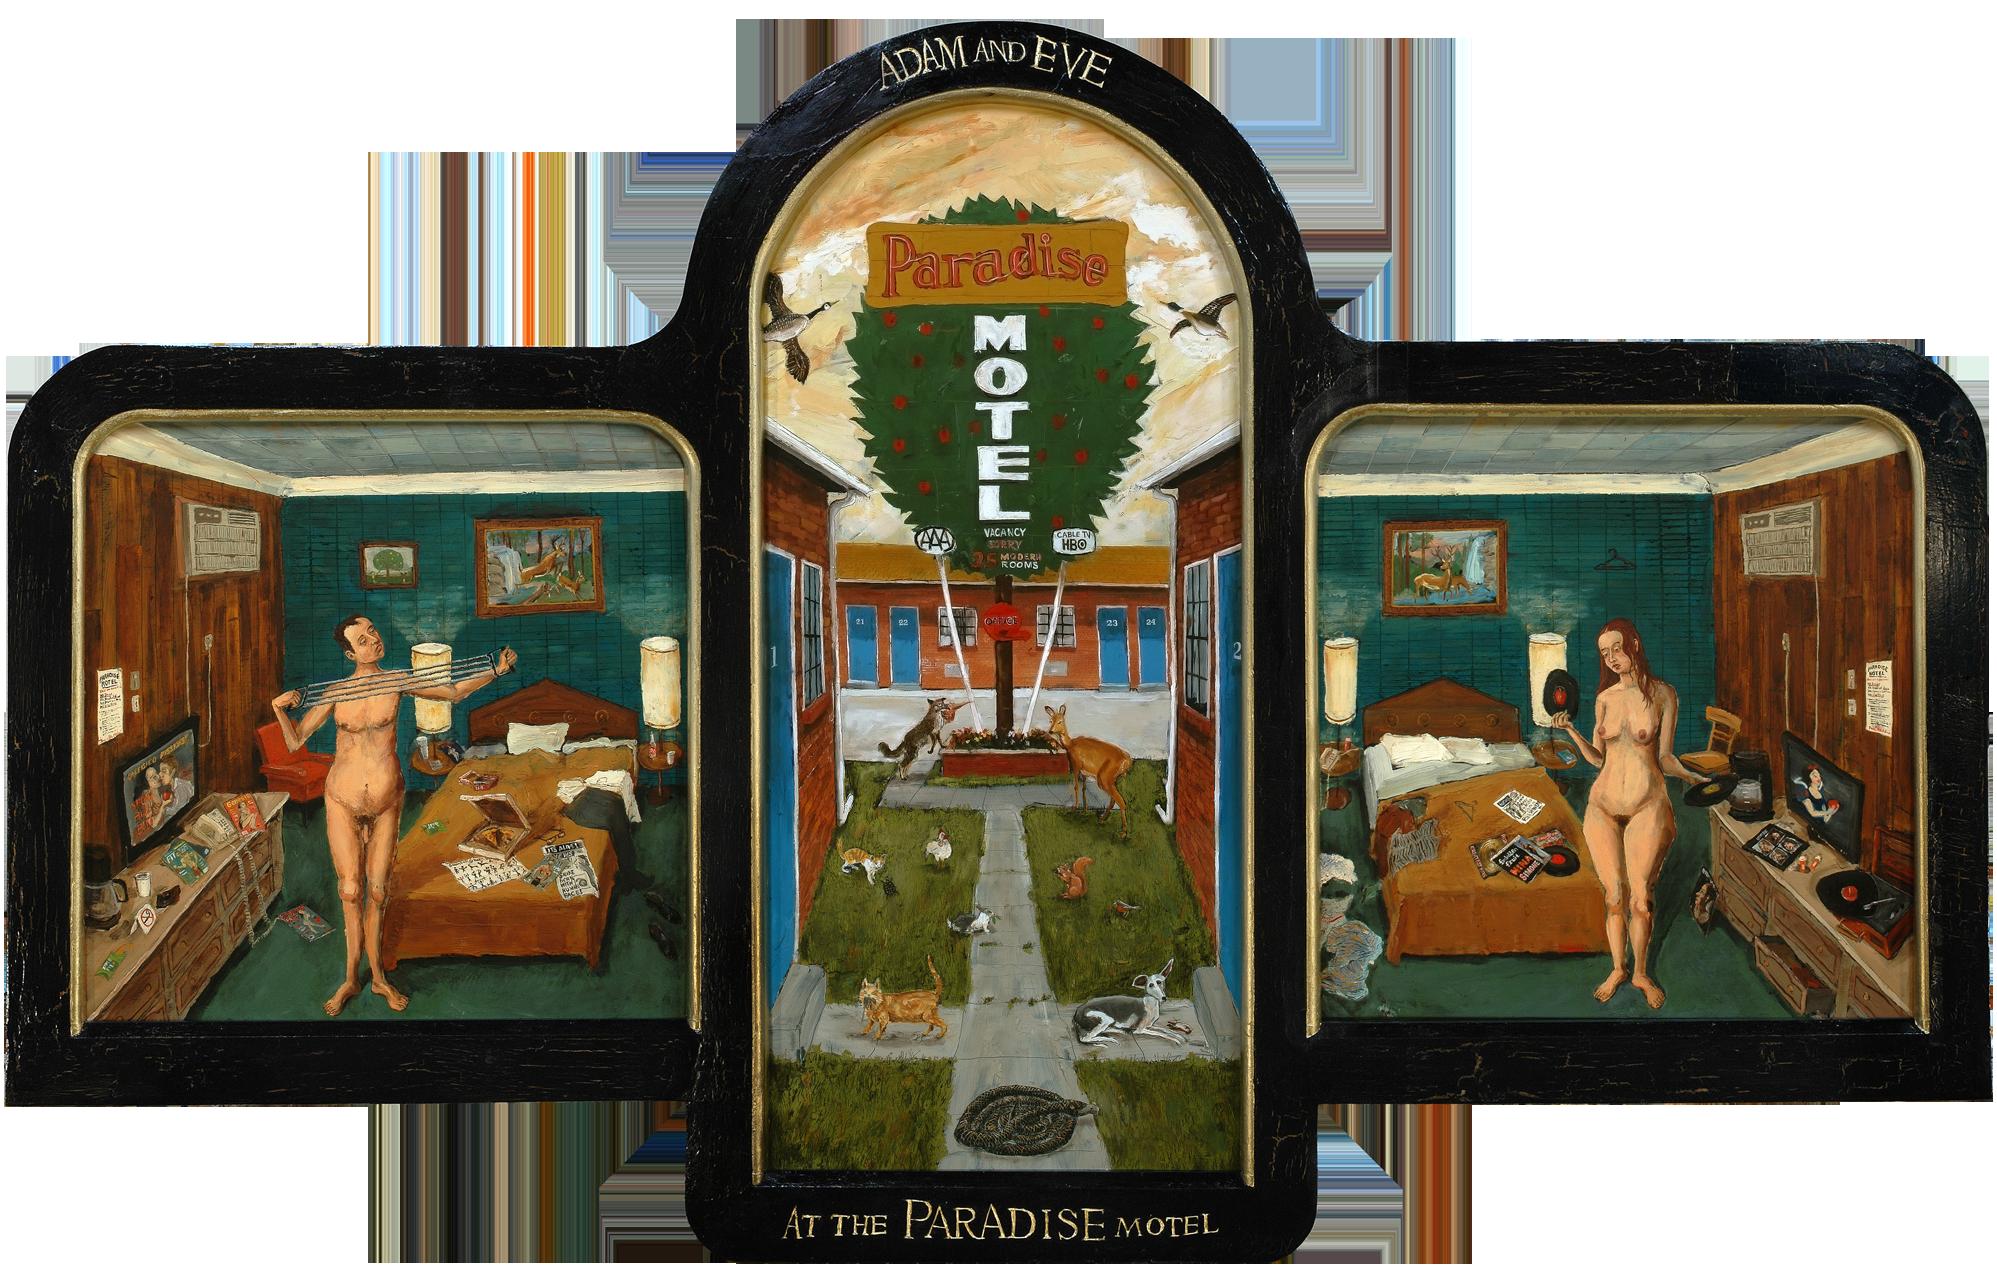 Paradise_motel